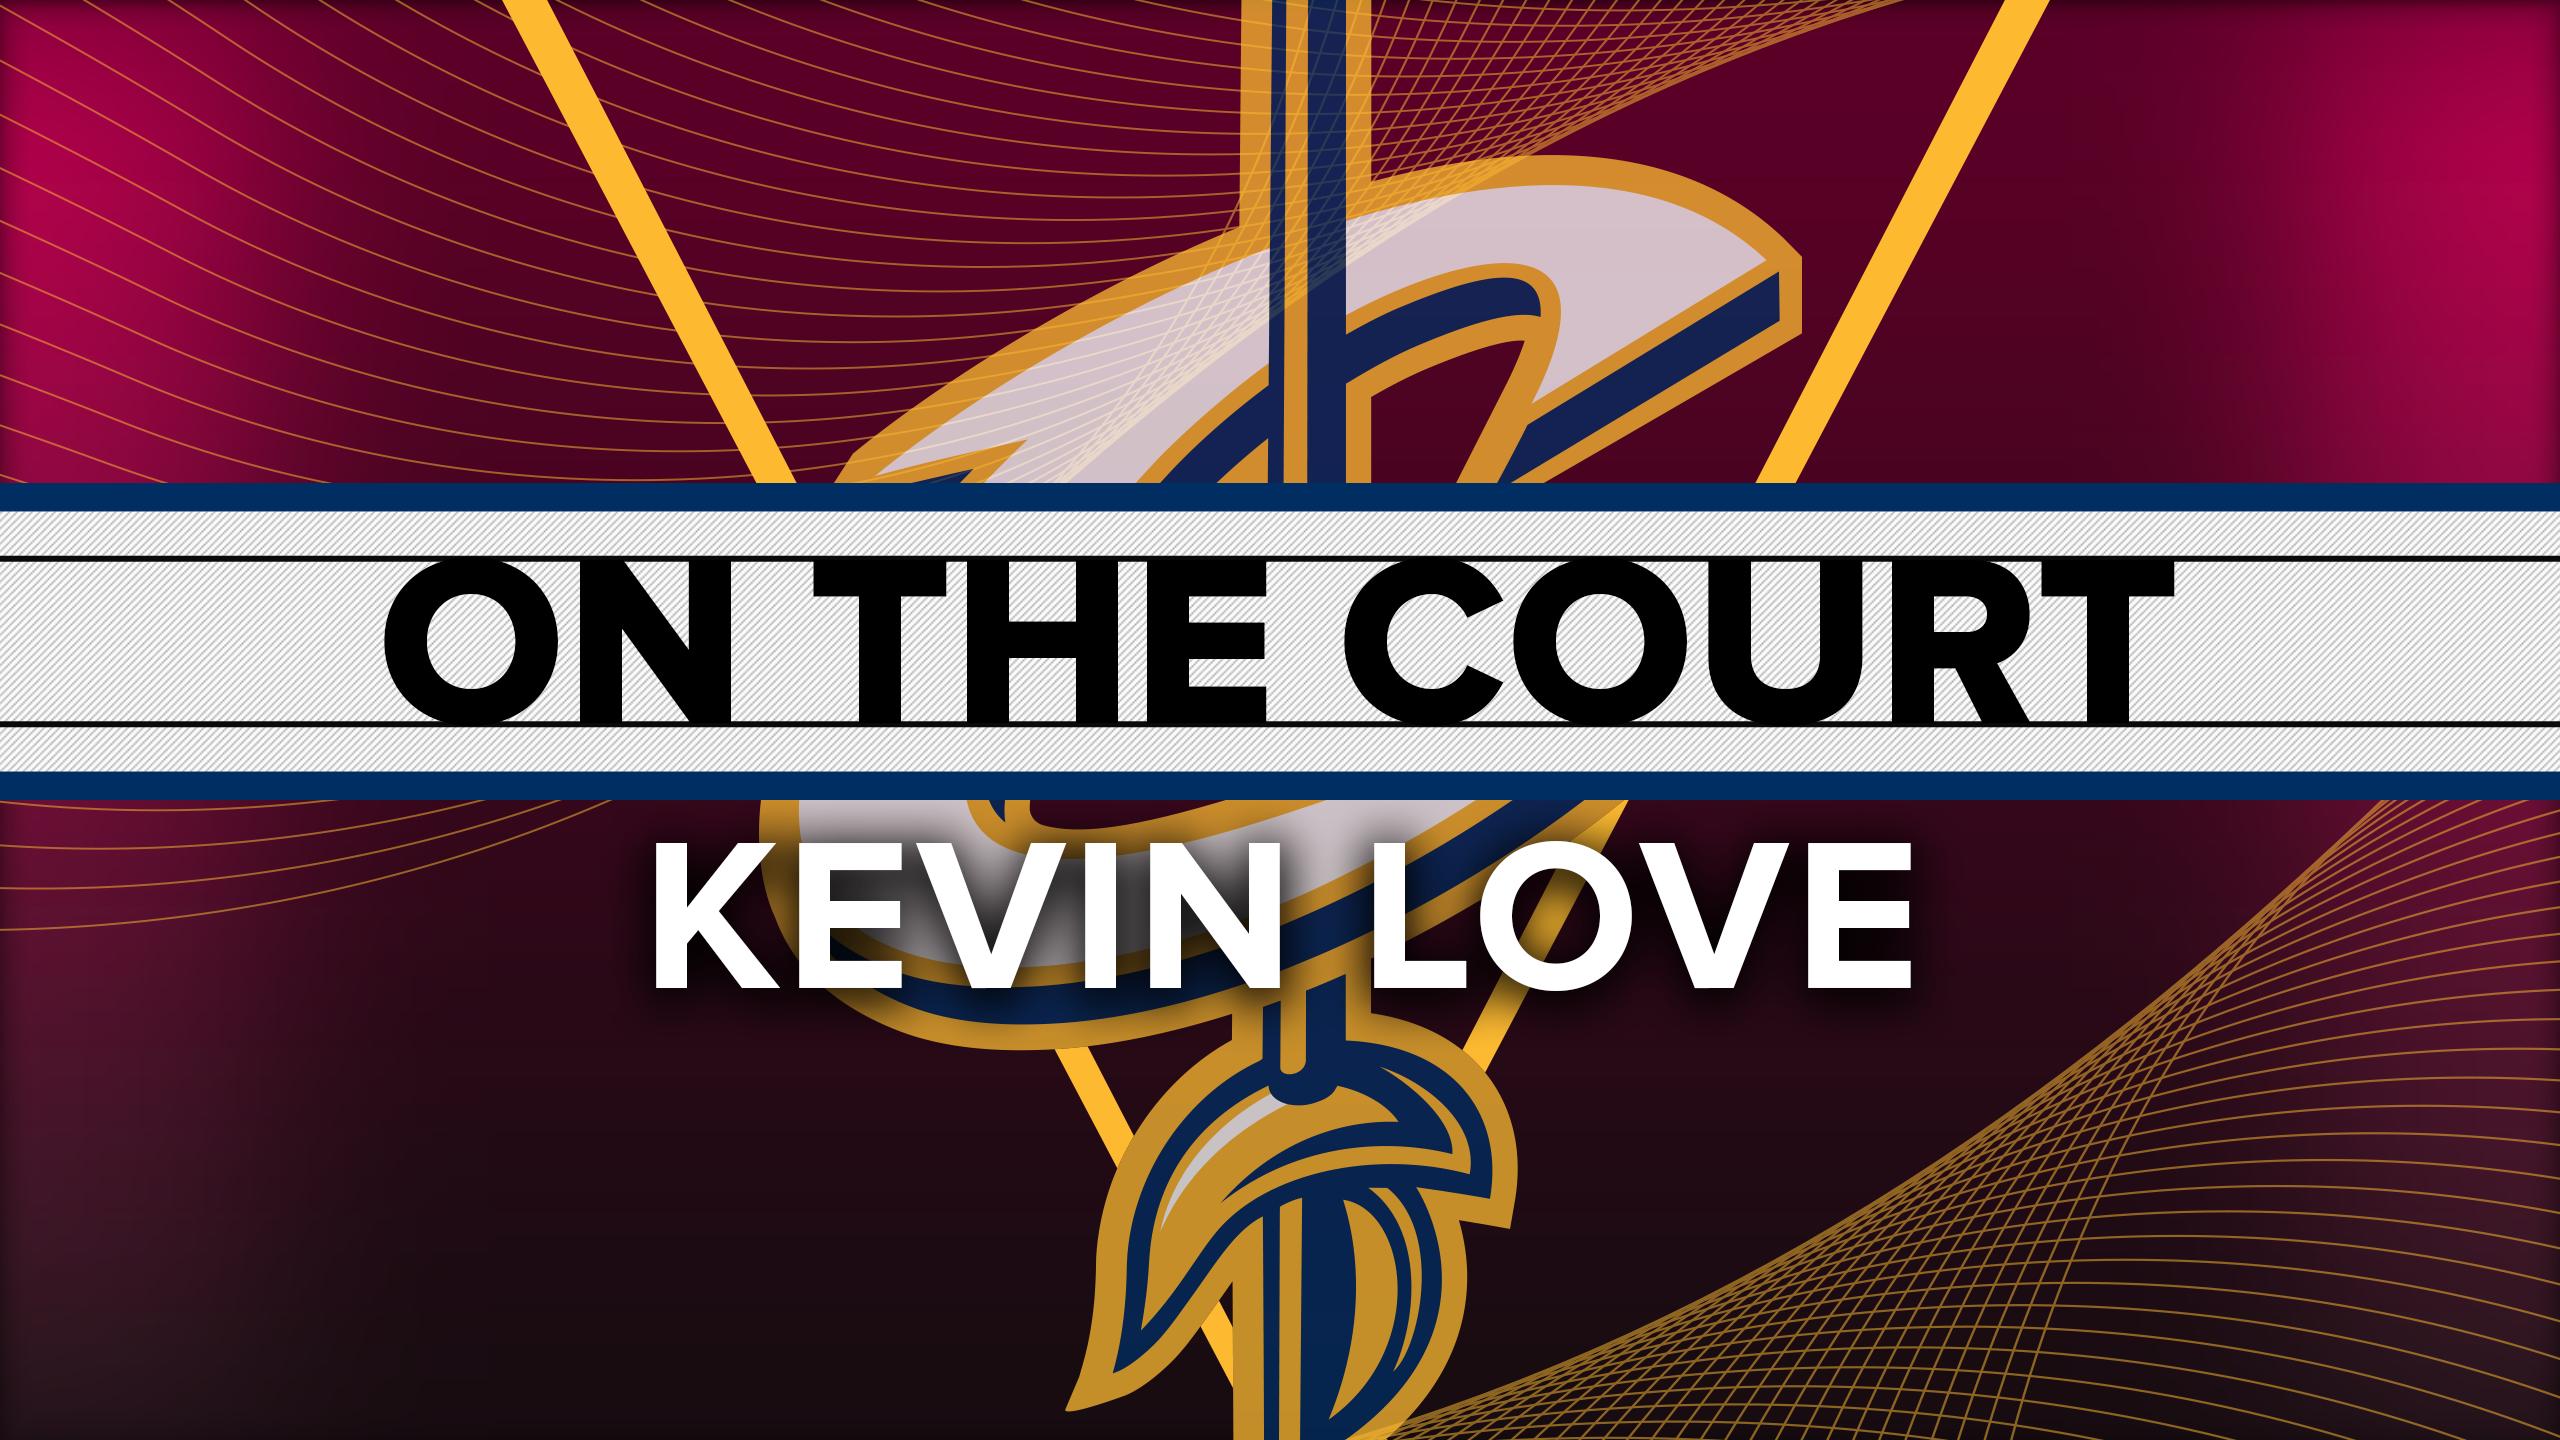 NVRportal_NBA_OnTheCourt